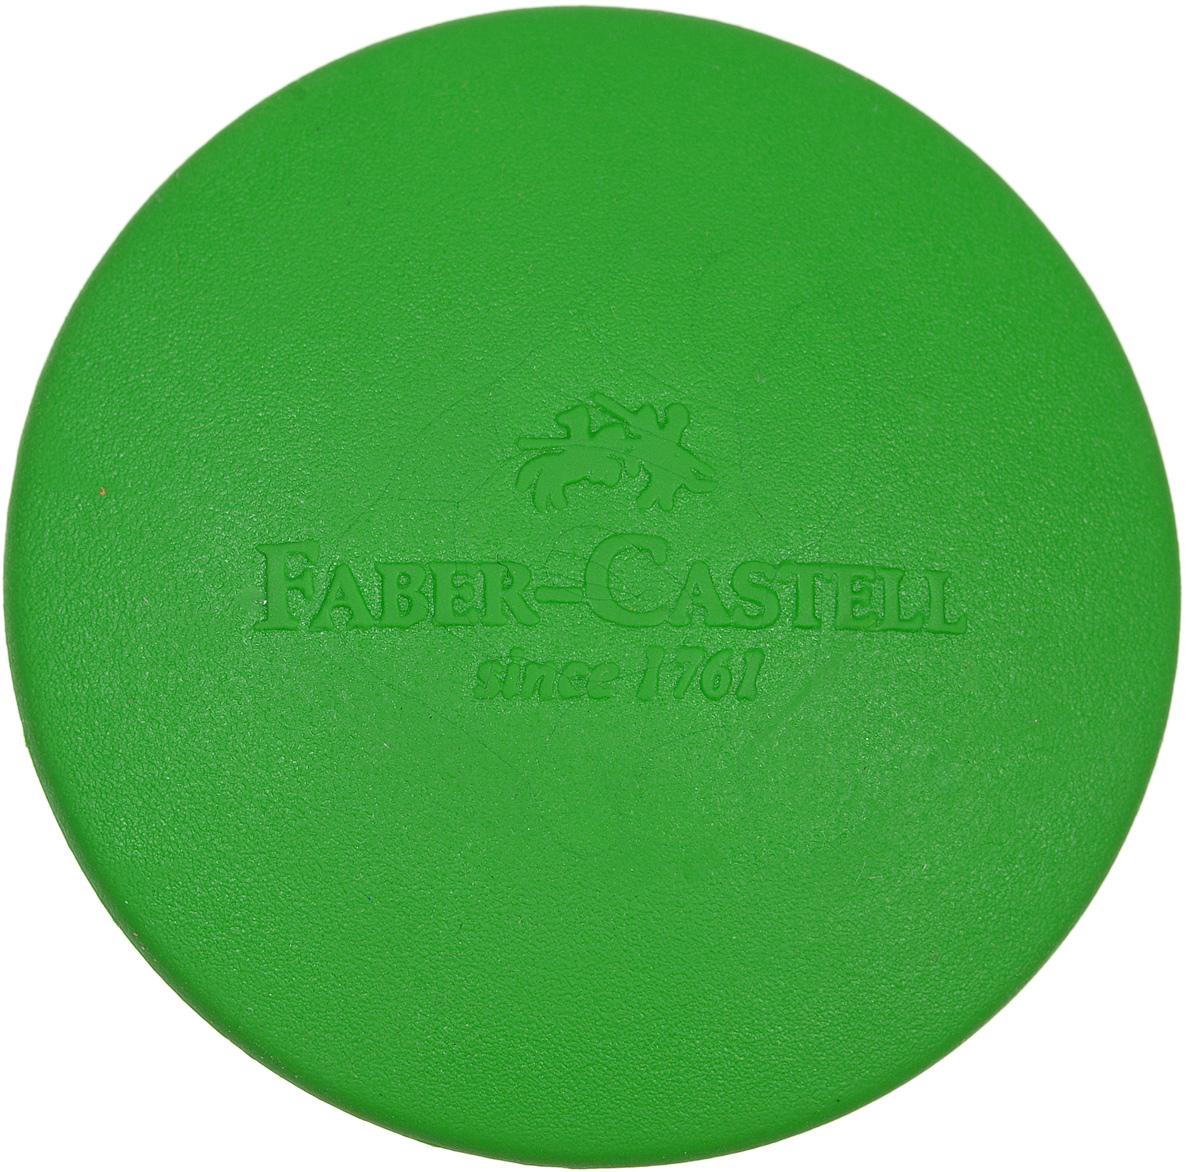 Faber-Castell Ластик цвет зеленый589022_зеленыйКруглый ластик Faber-Castell - незаменимый аксессуар на рабочем столе не только школьника или студента, но и офисного работника. Он легко и без следа удаляет надписи, сделанные карандашом. Благодаря удобной форме его комфортно держать в руке.